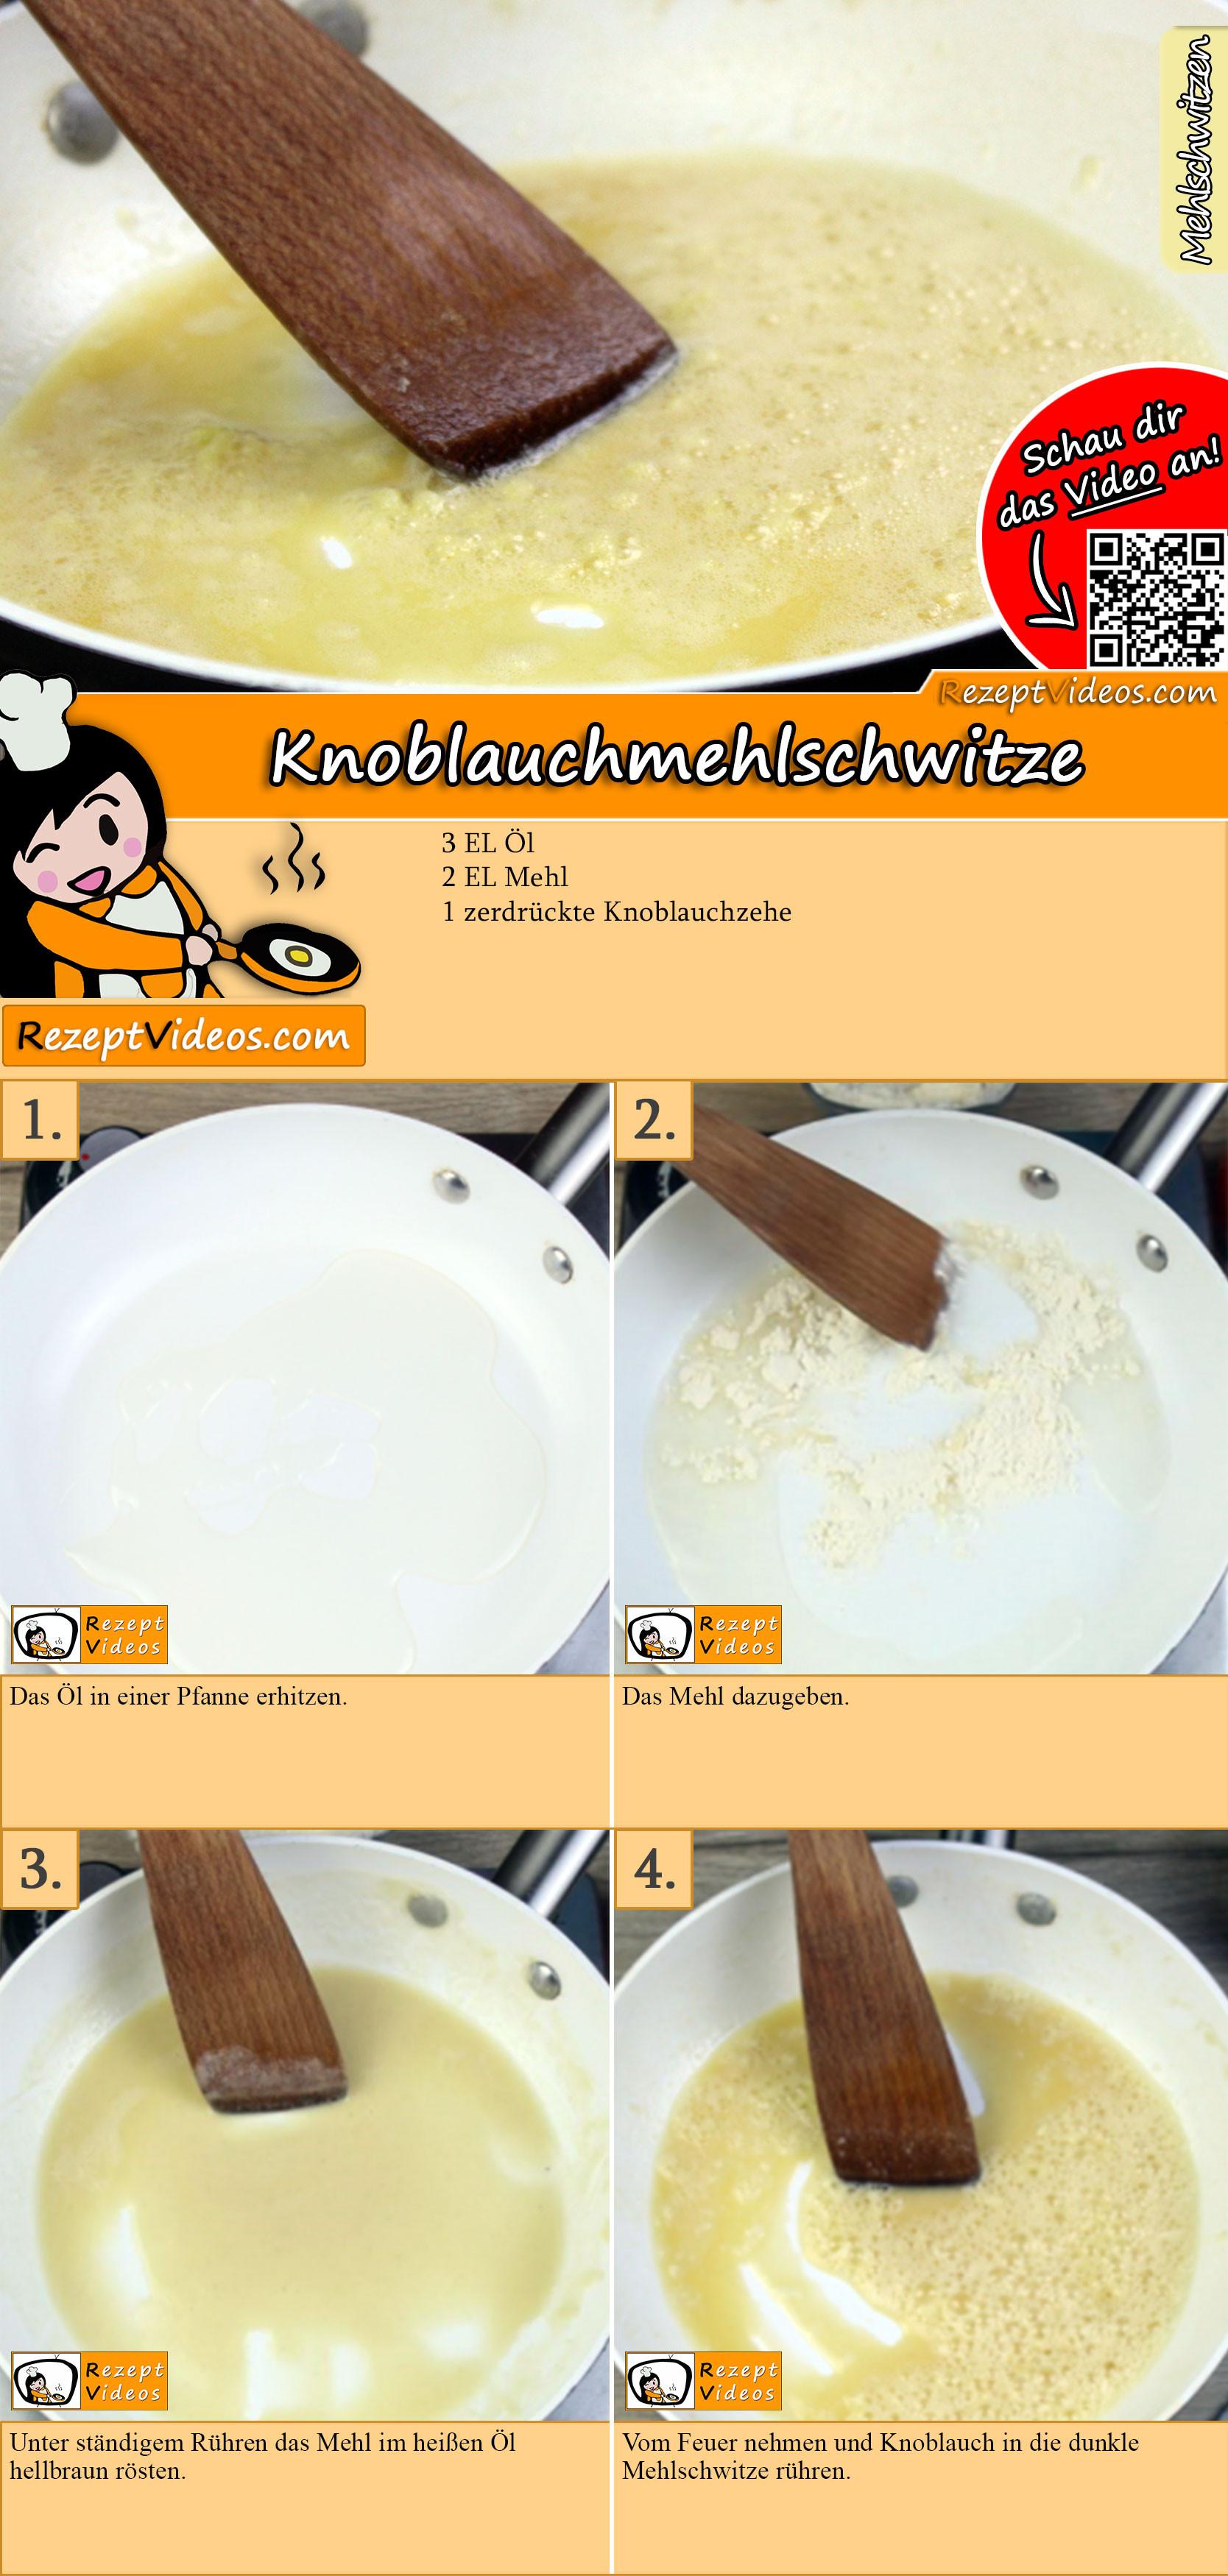 Knoblauchmehlschwitze Rezept mit Video